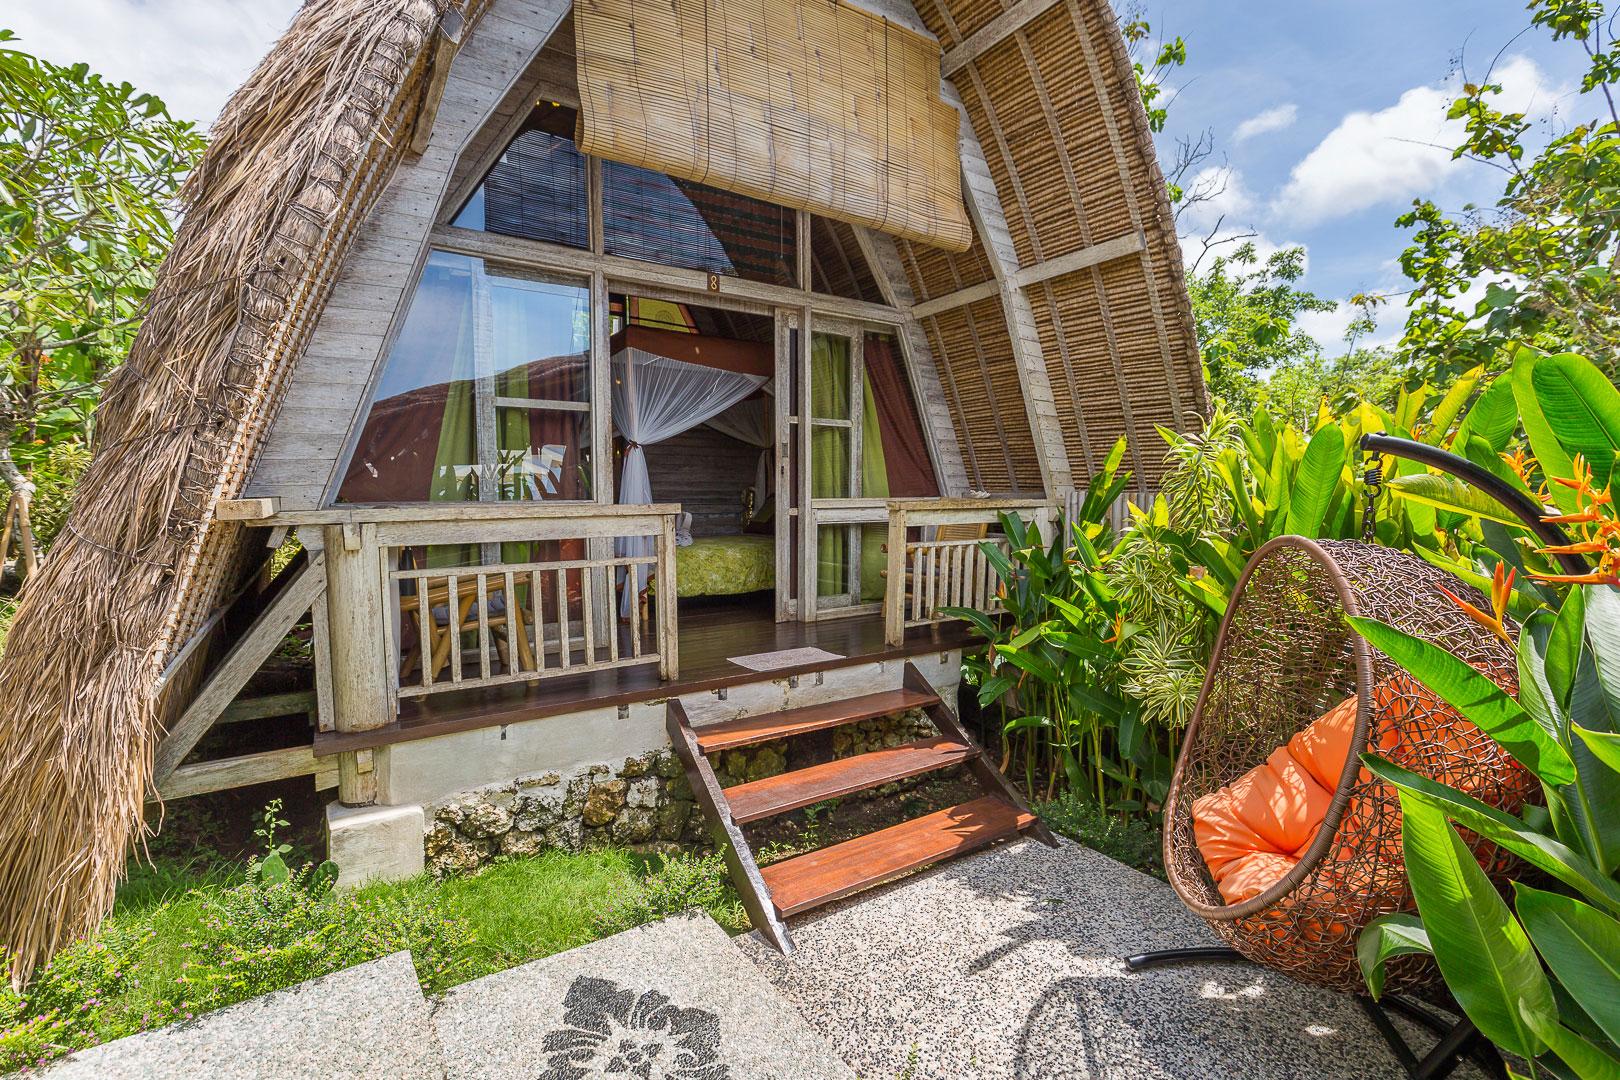 L8---Milo_s-Bungalow-Bali-8